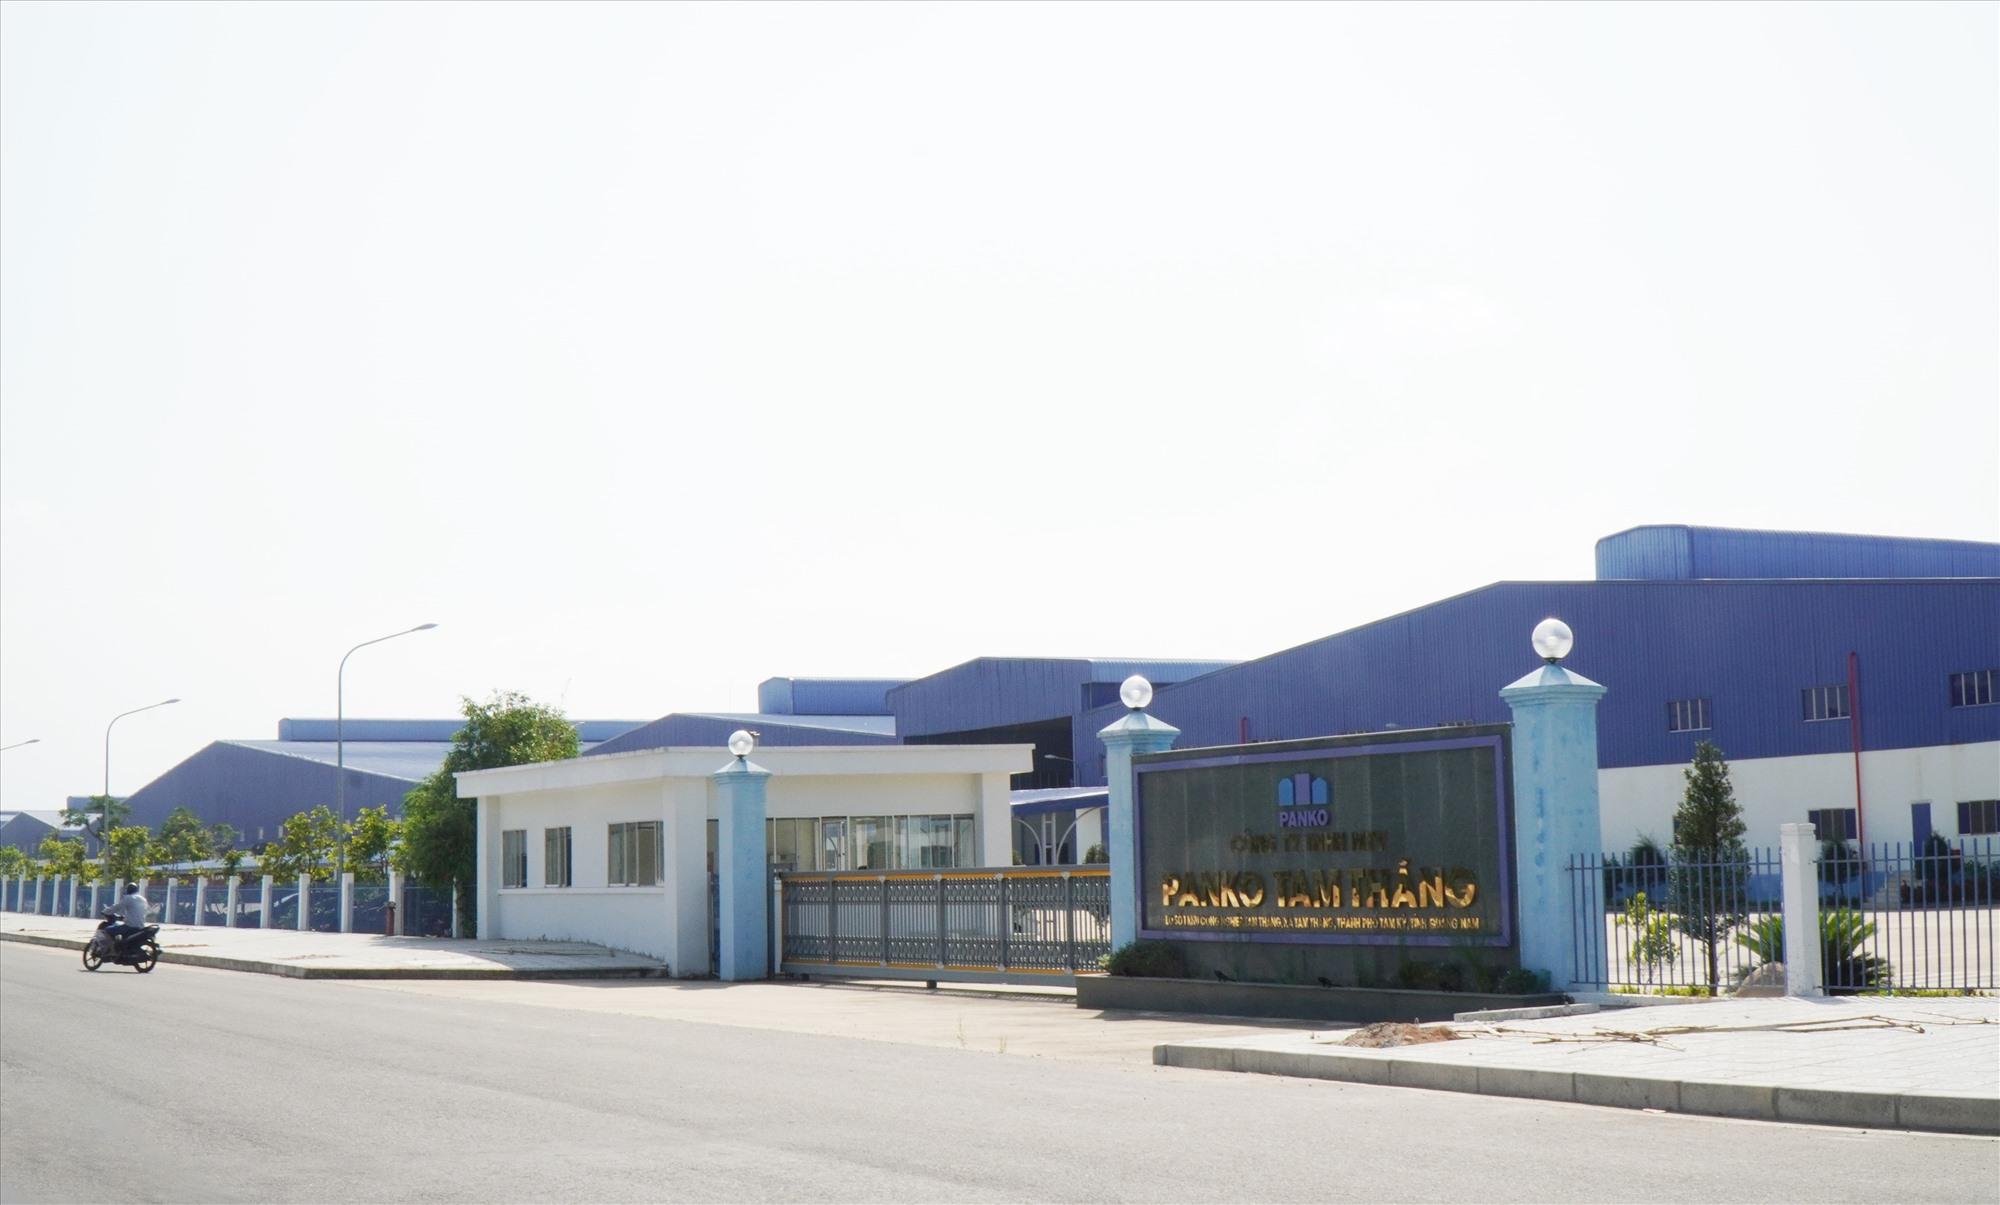 Trụ sở Công ty Panko Tam Thăng khang trang, đảm bảo môi trường trong sạch. Ảnh: N.T.B